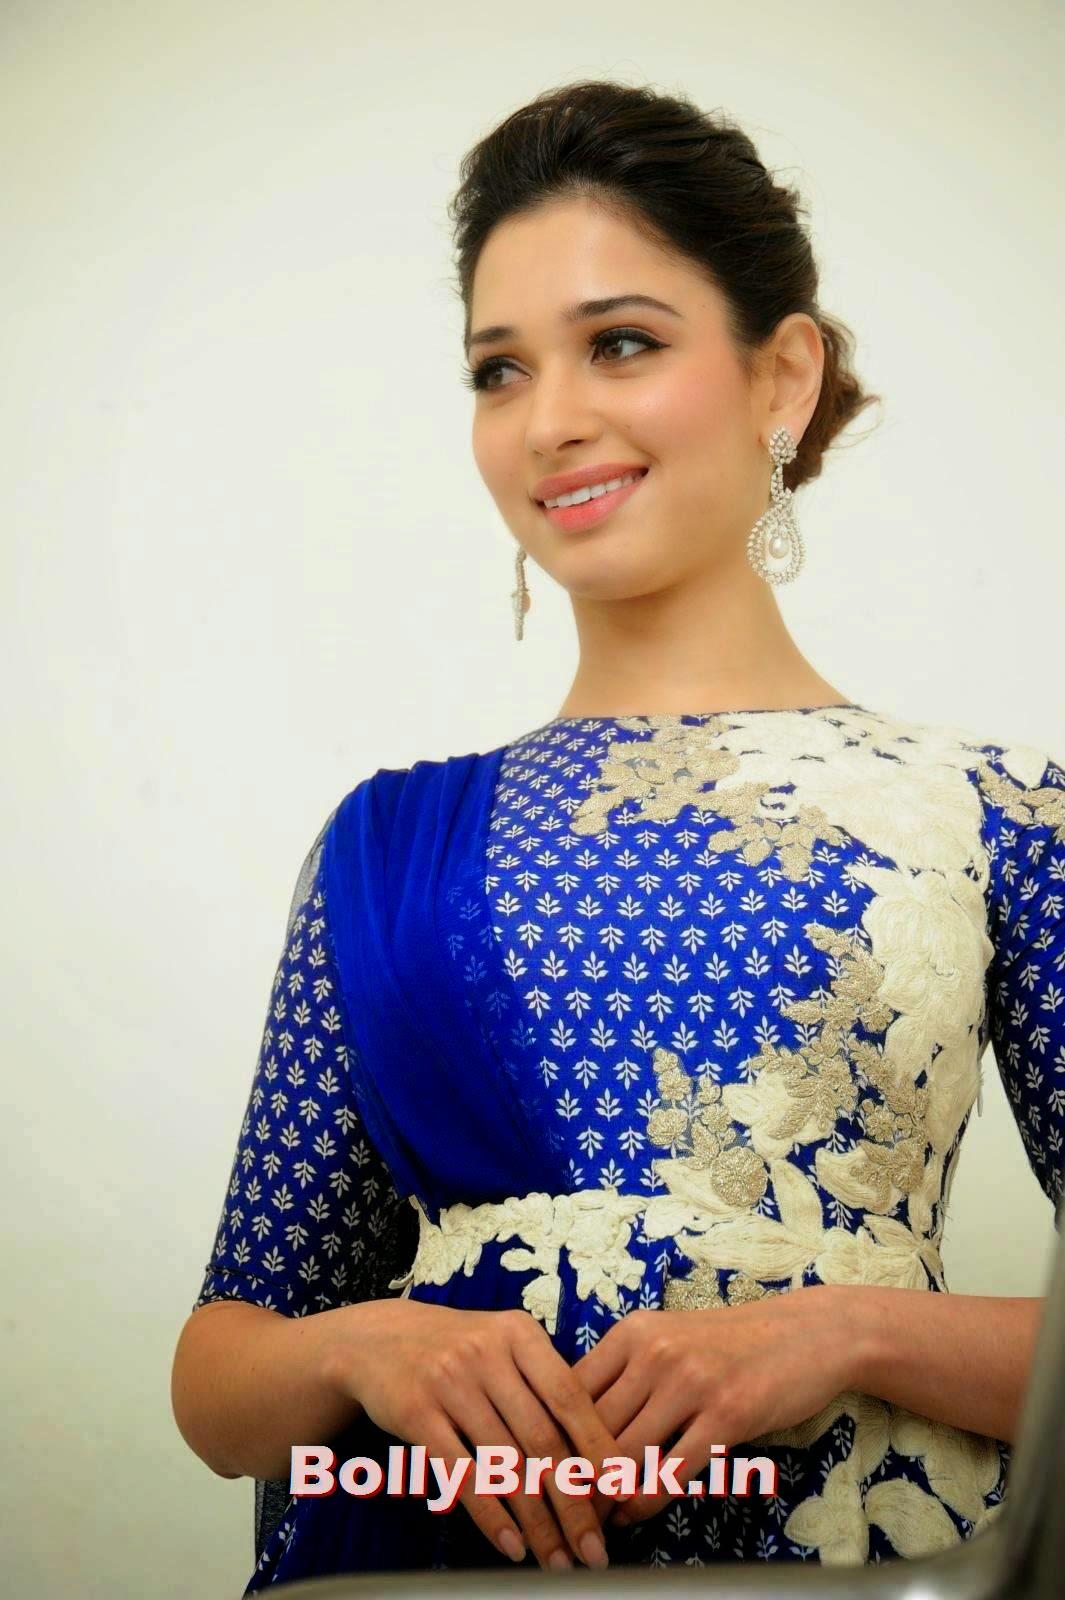 Tamanna Back: Tamanna Backless Dress Images, Tamanna Hot Photoshoot Pics